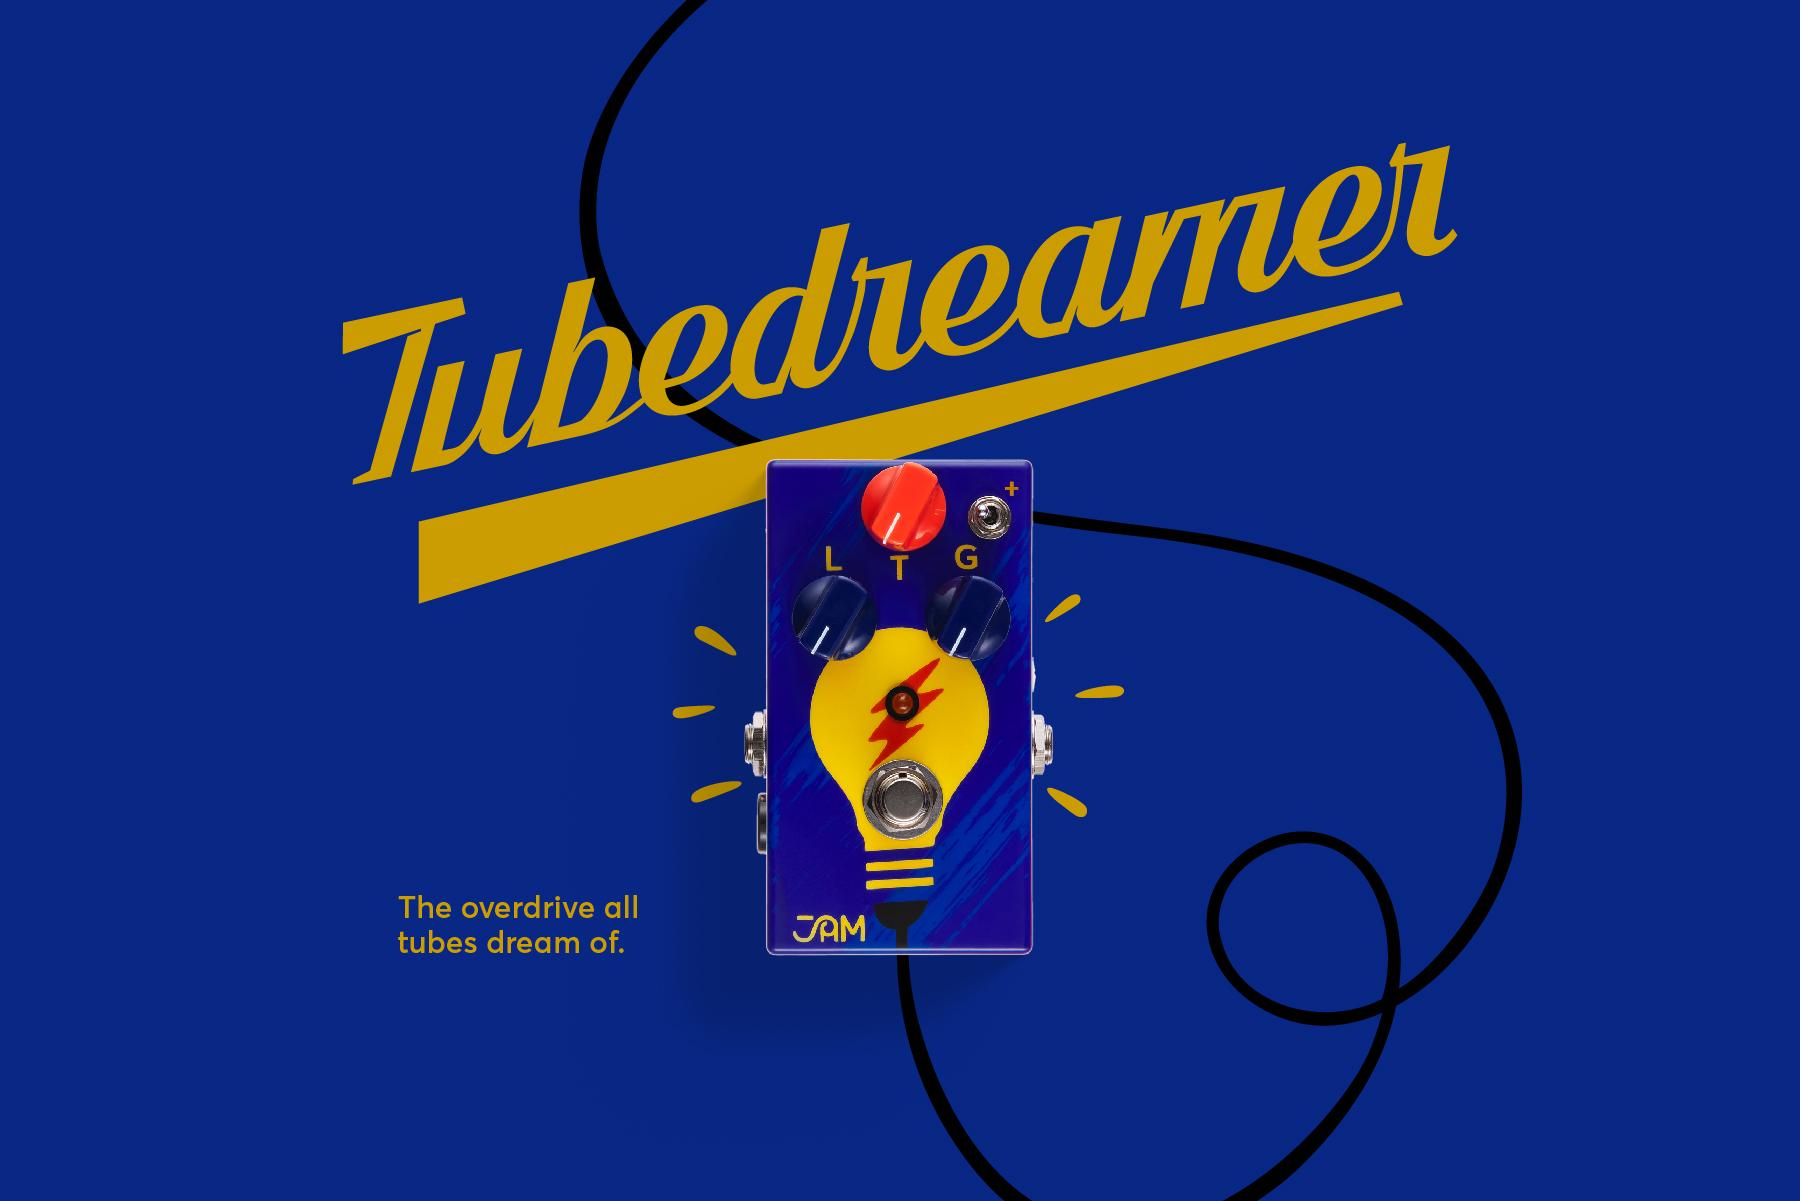 TubeDreamer